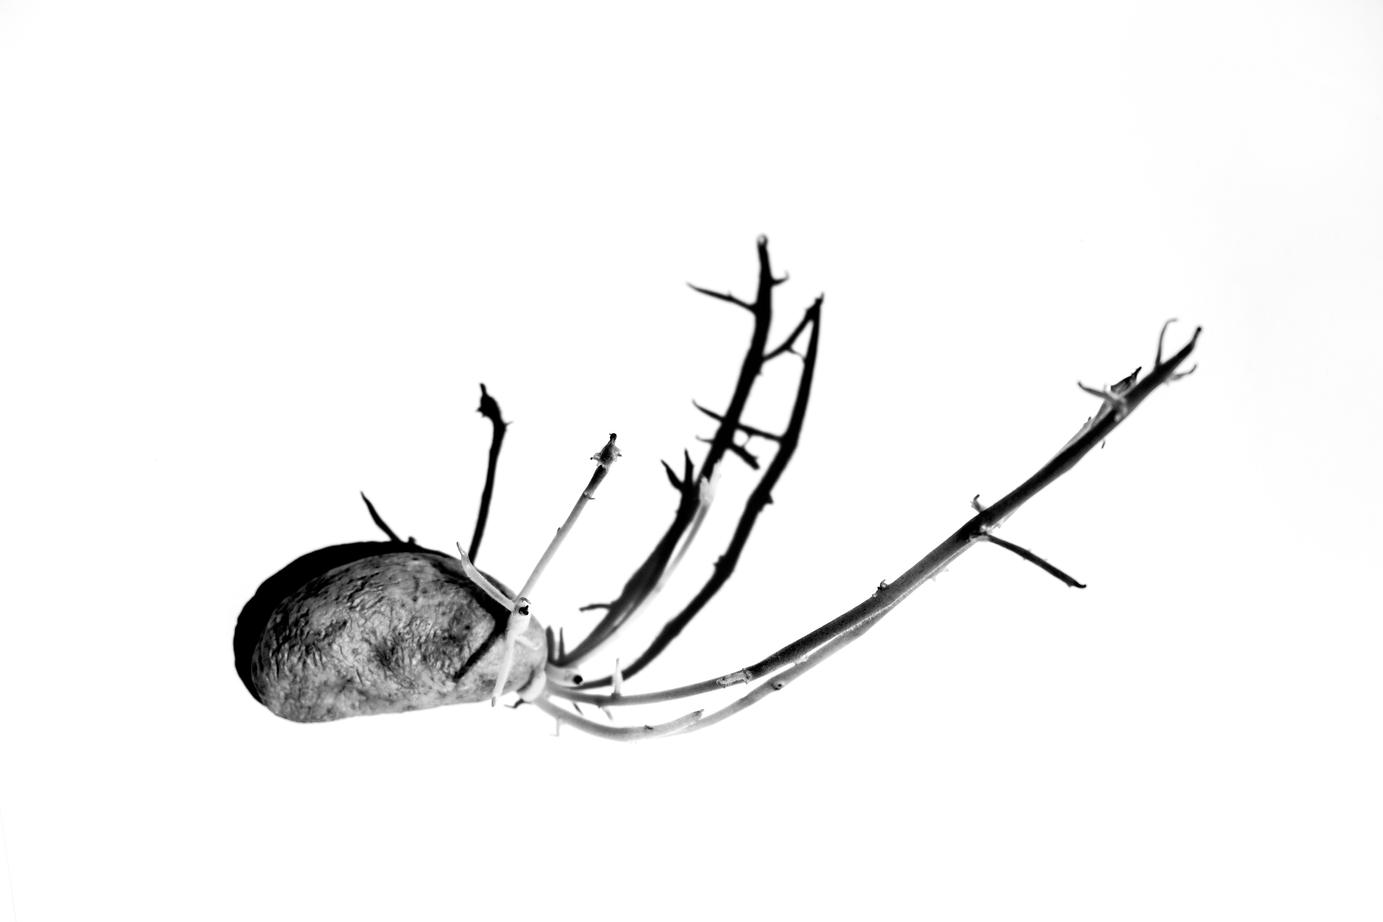 RhinoMinus.tif